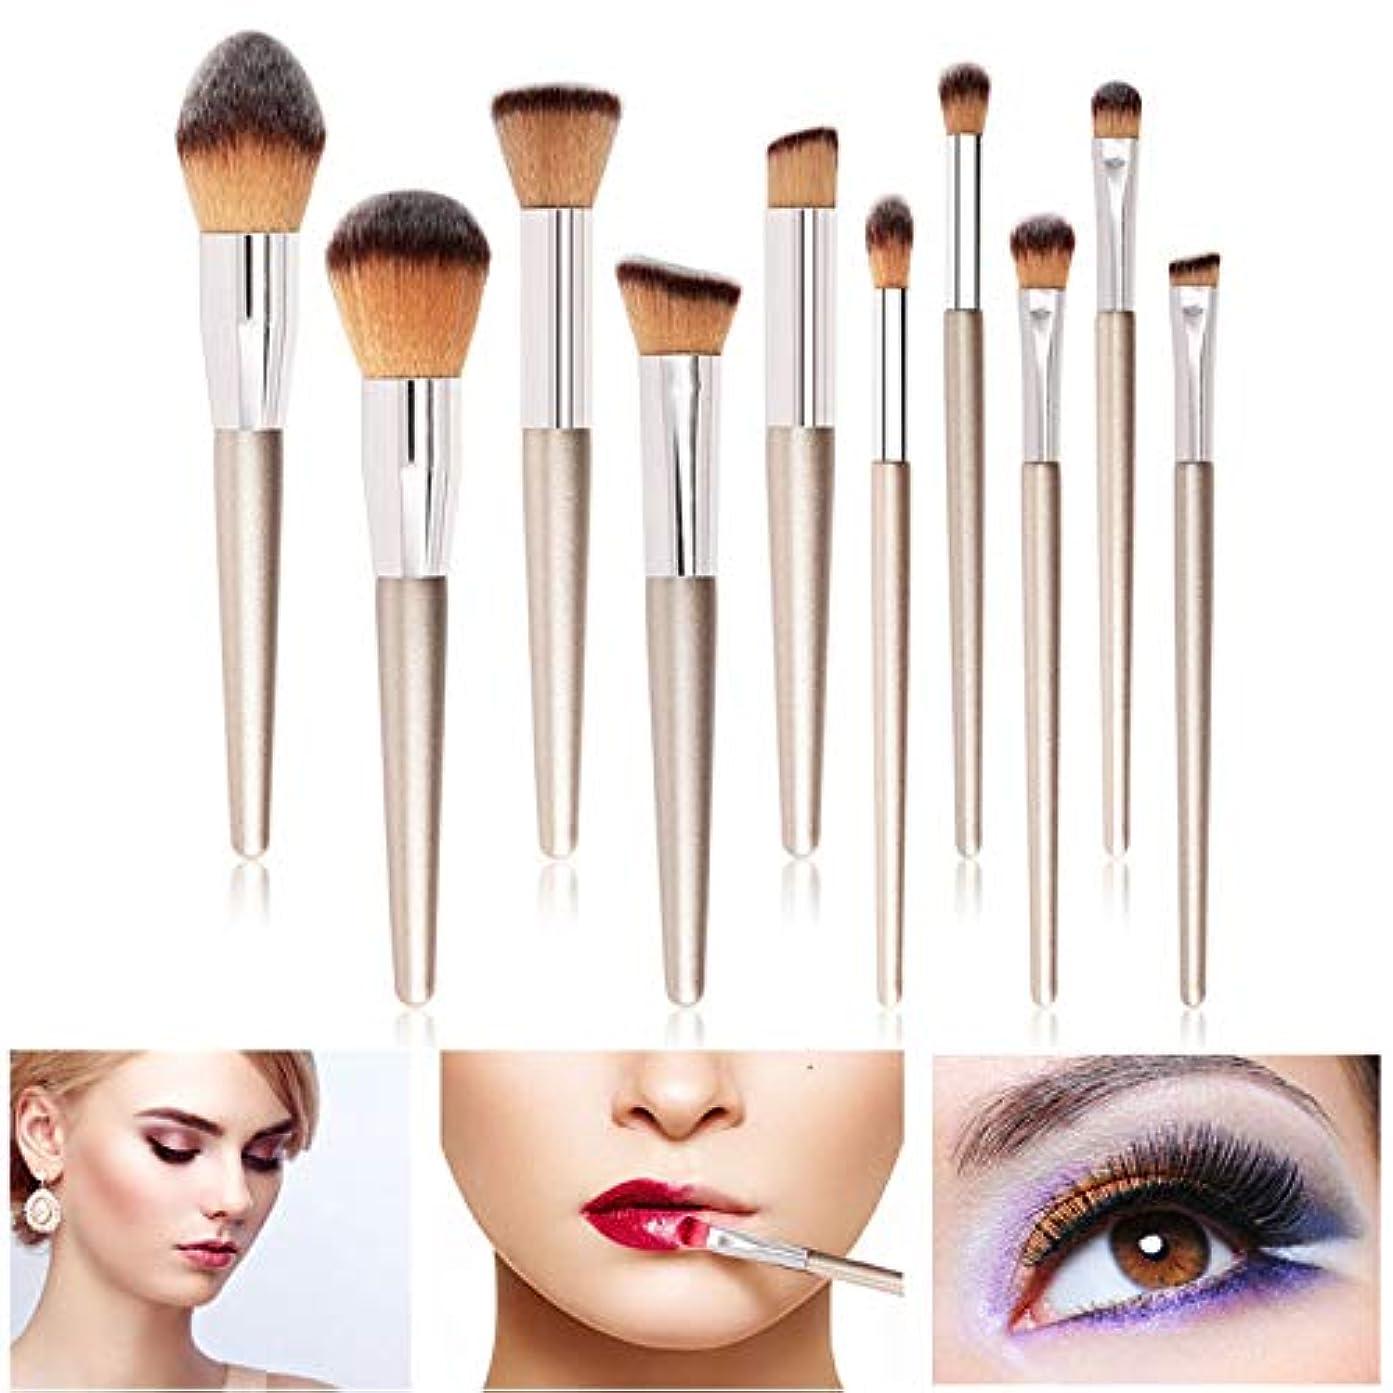 橋容量忍耐Symboat 10本化粧ブラシソフトアイシャドウファンデーションブラッシュポータブル美容ツール用女性